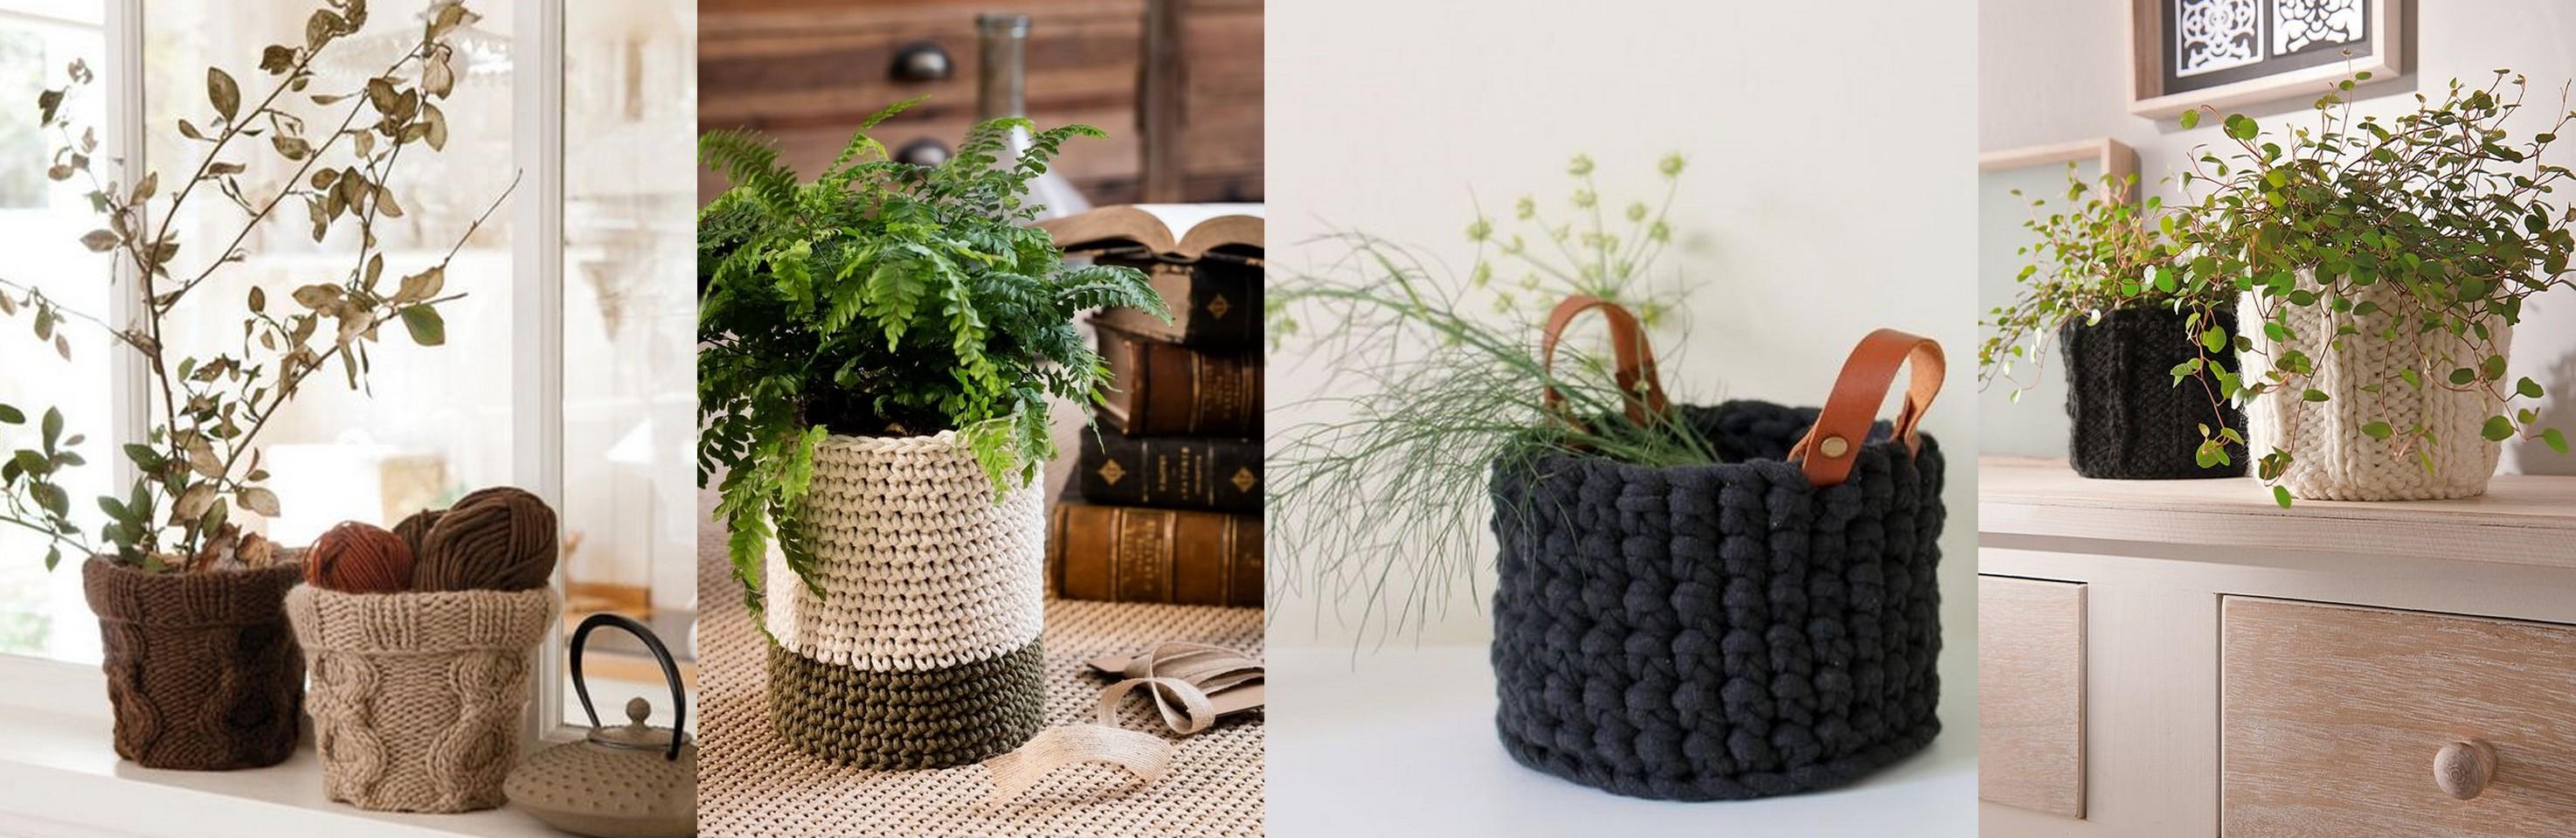 tricot-pots2